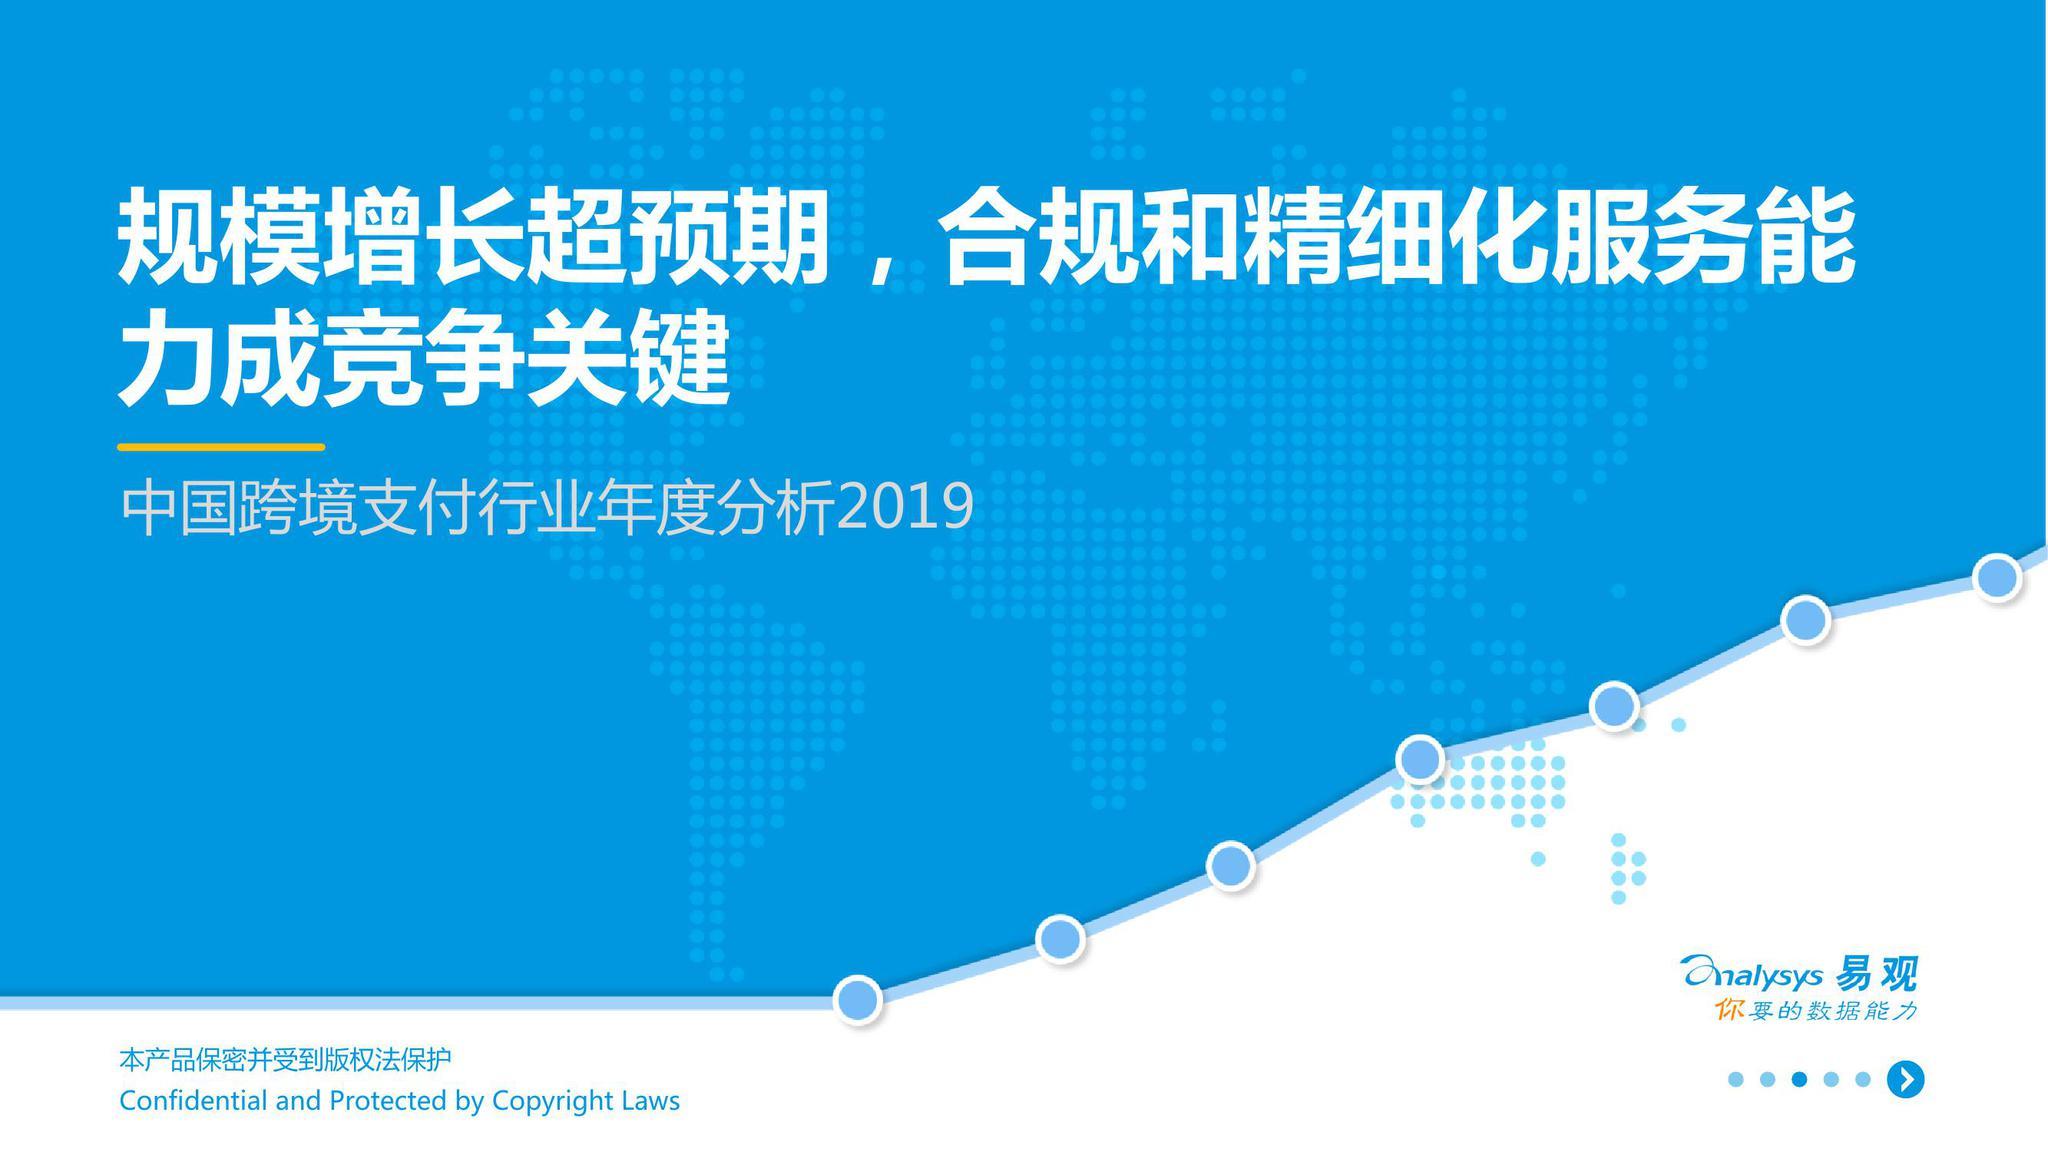 易观:2019中国跨境支付行业年度分析报告